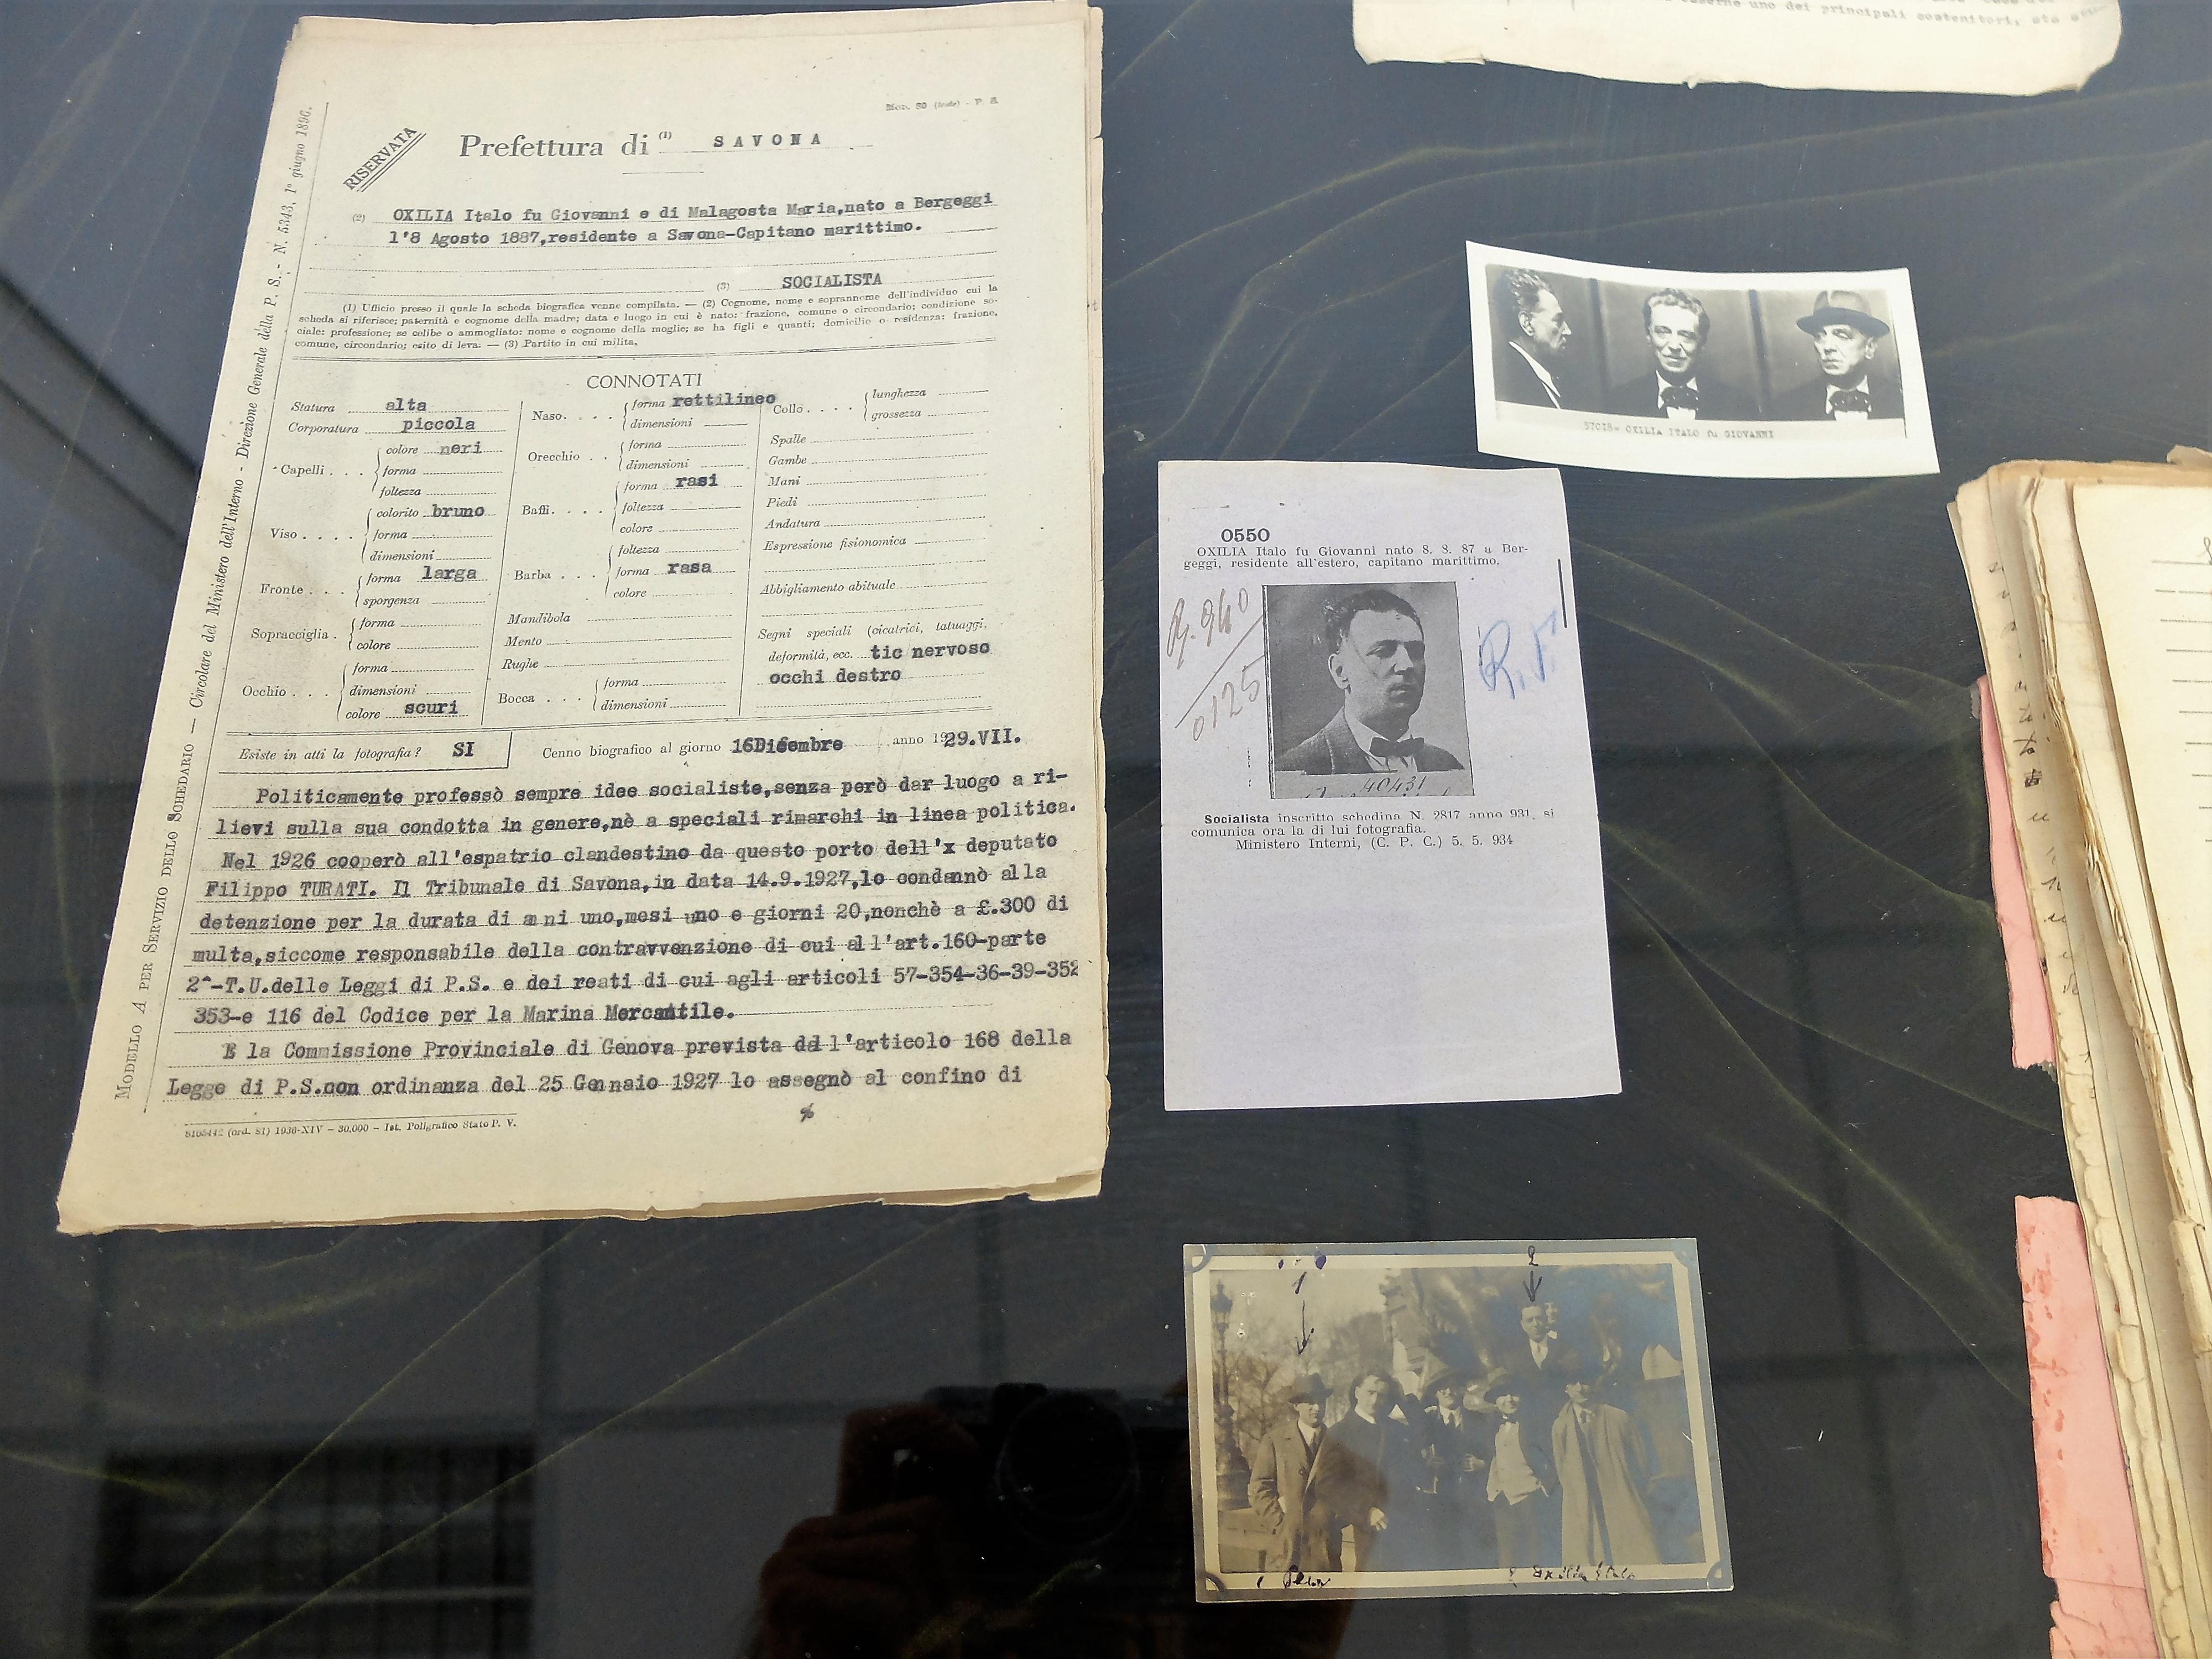 Alcuni documenti dal fascicolo di Italo Oxilia relativi alla sorveglianza degli spostamenti e della corrispondenza